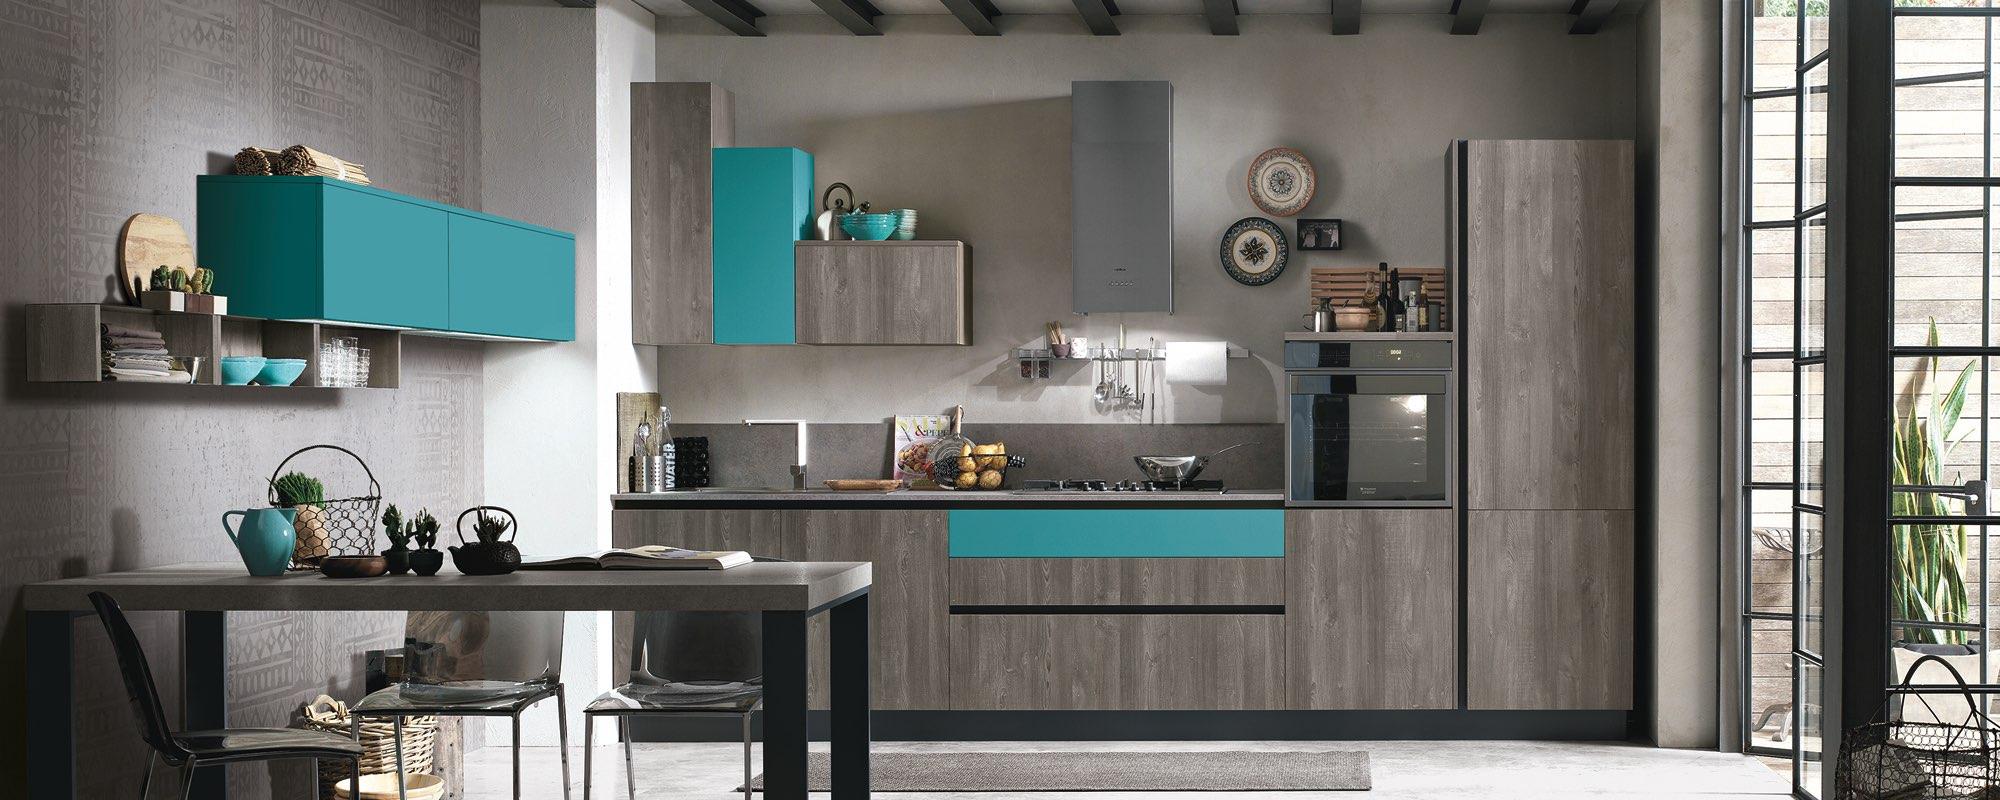 Colori cucina: quali scegliere? I 7 colori suggeriti da ...